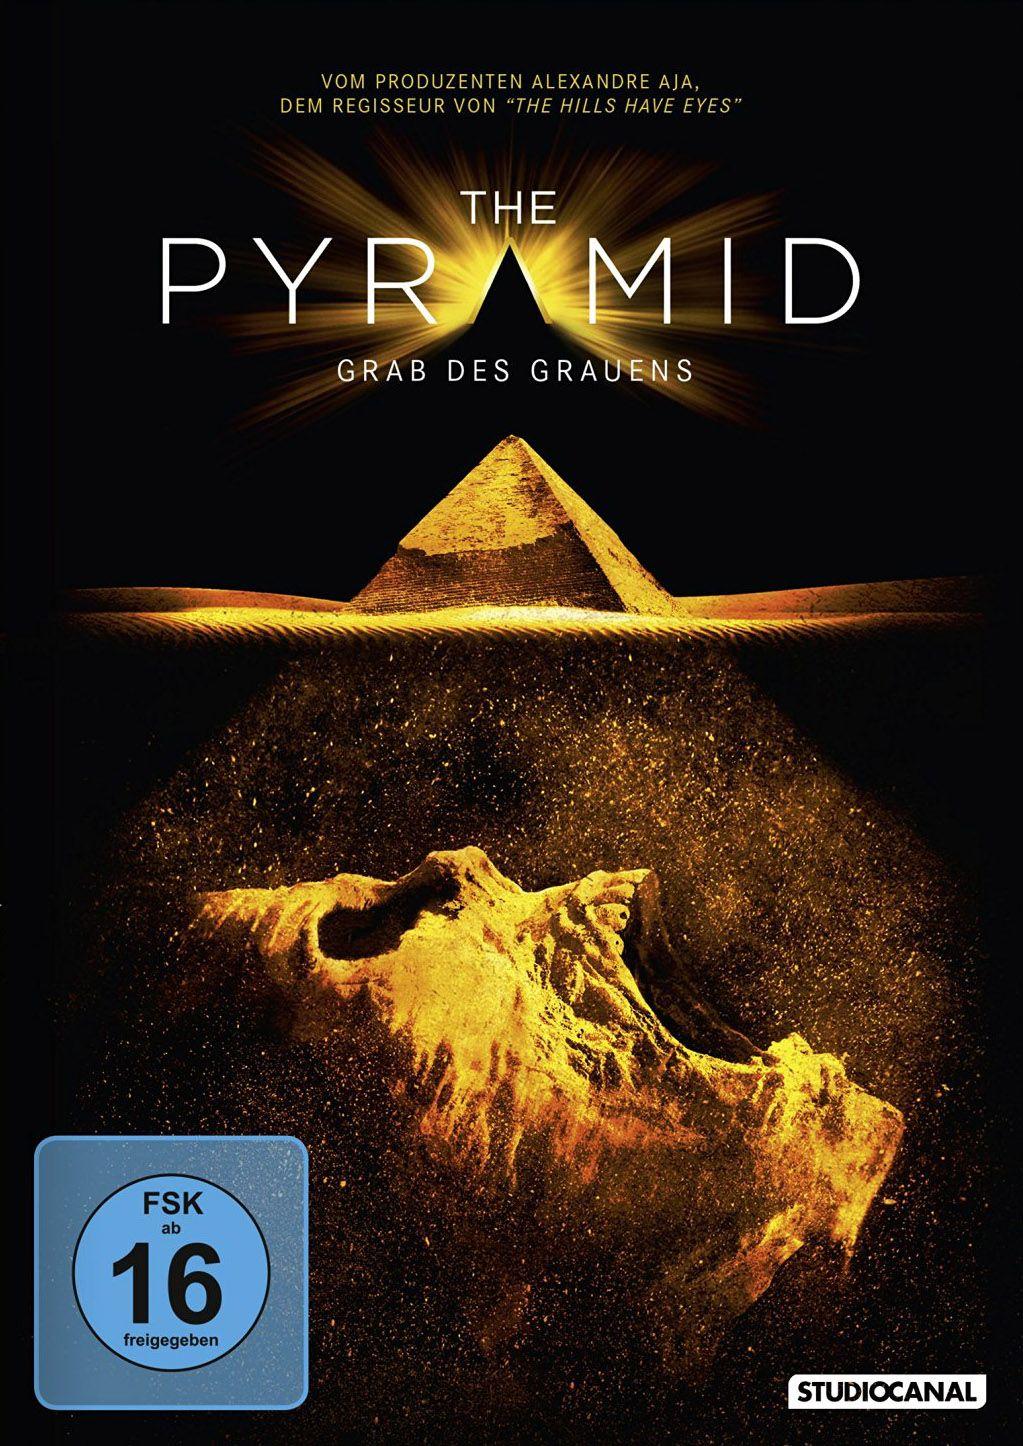 Pyramid, The - Grab des Grauens